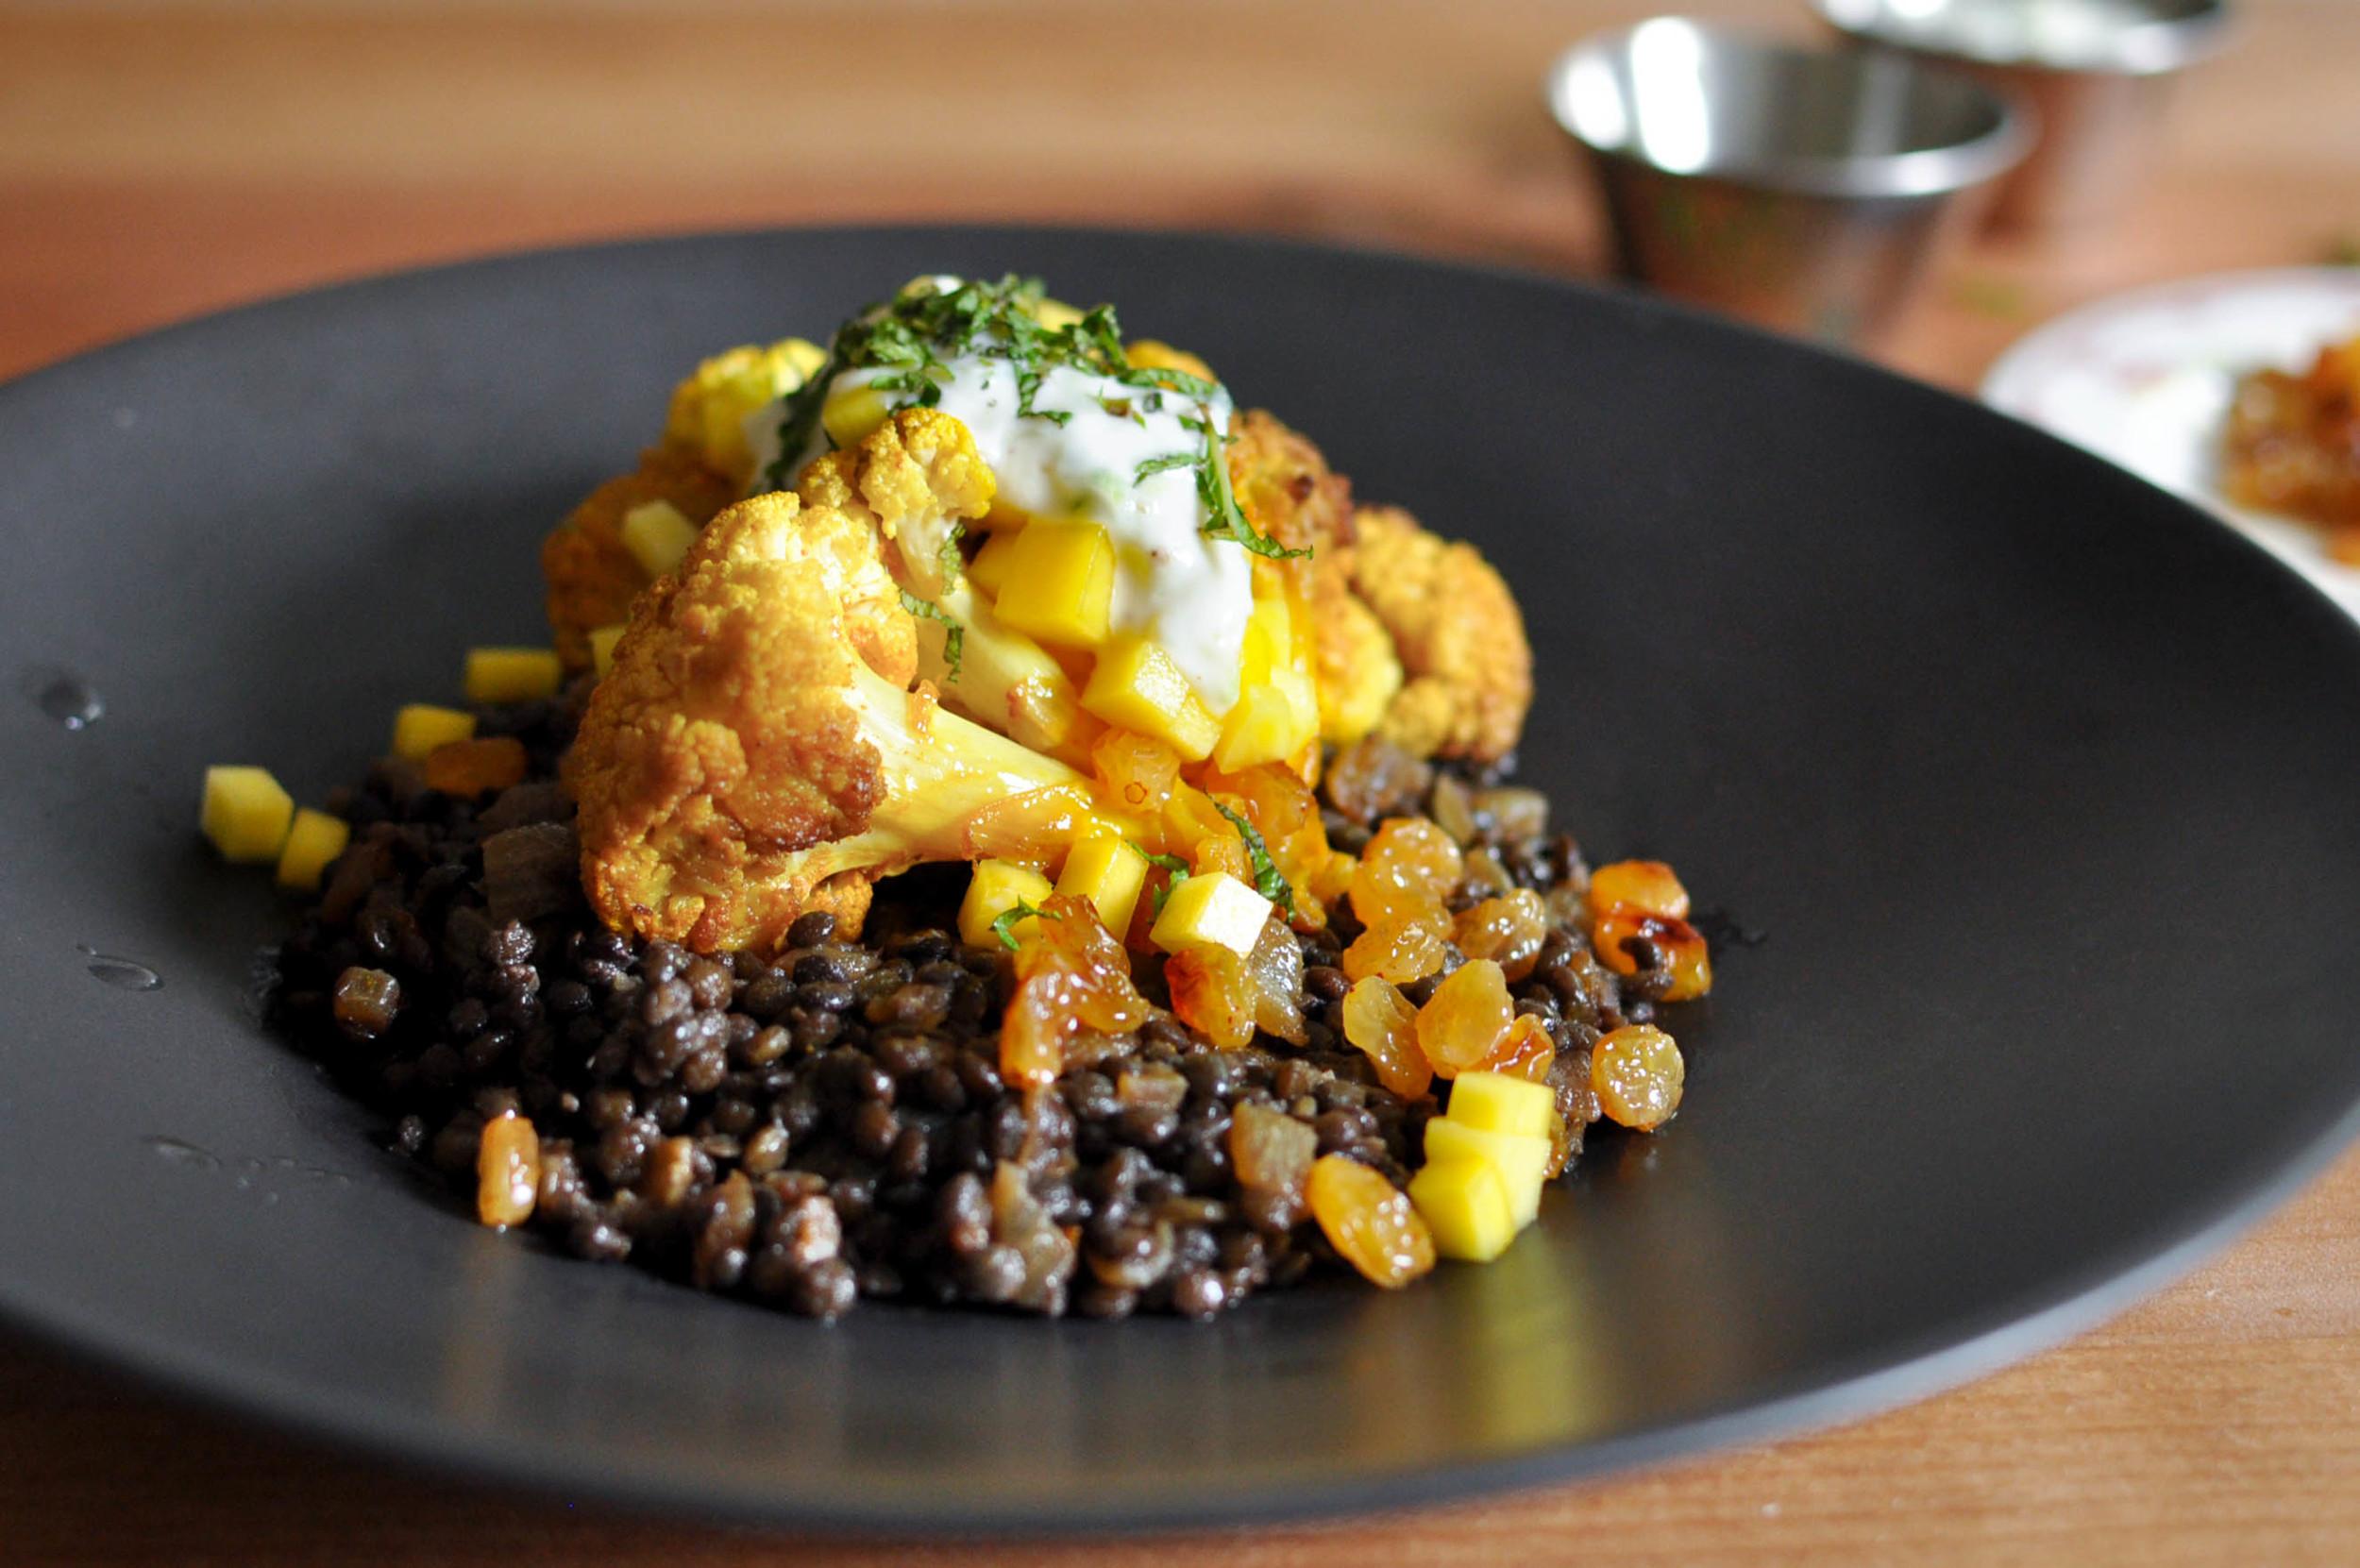 Slow Roasted Cauliflower with Beluga Lentils | O&O Eats